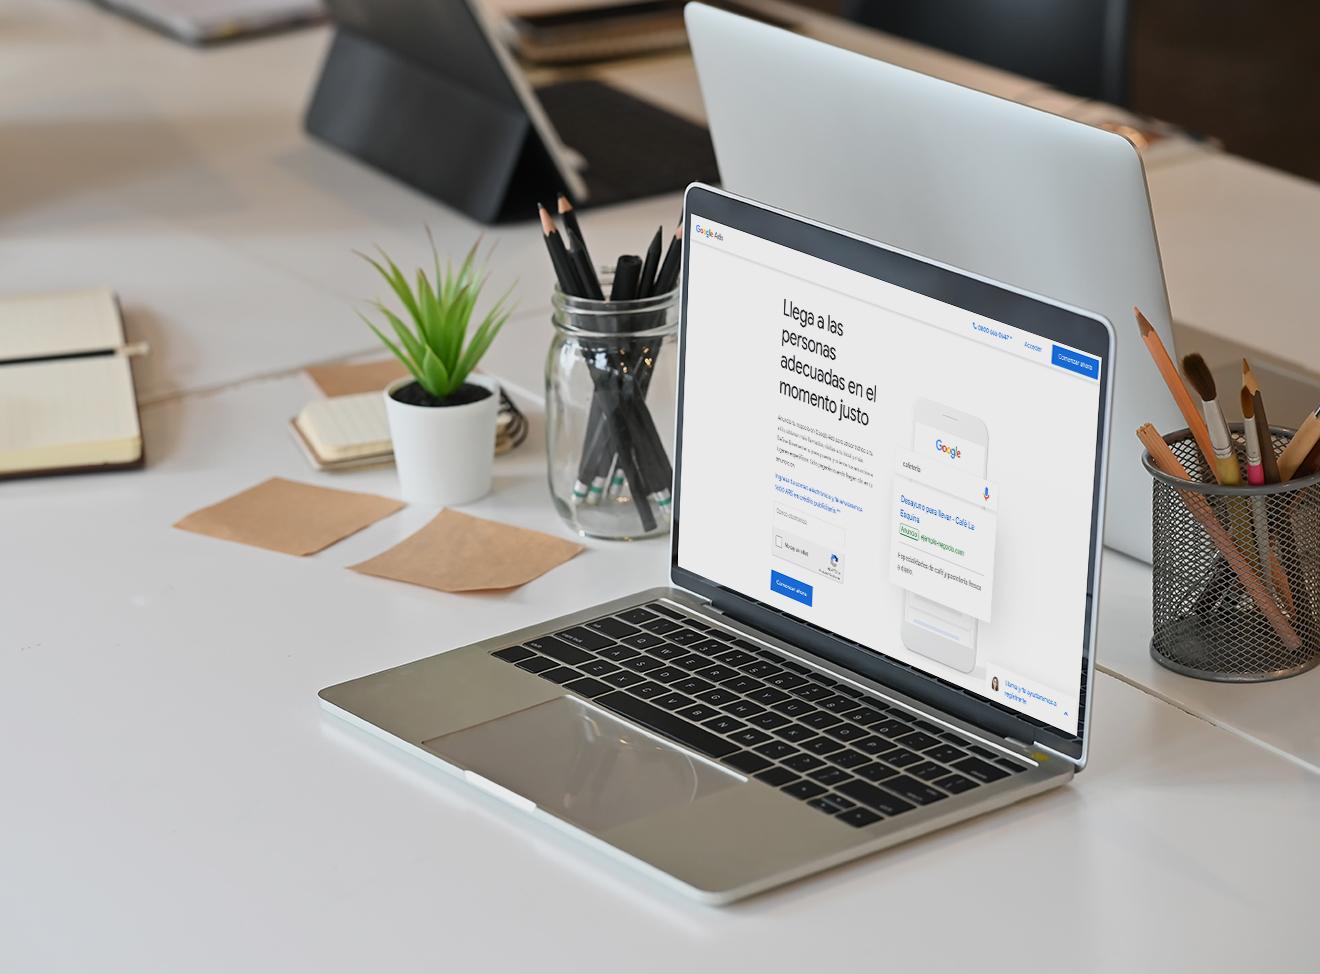 Marketing Digital Agencia Digital, Publicidad en Google, publicidad_en_google_3